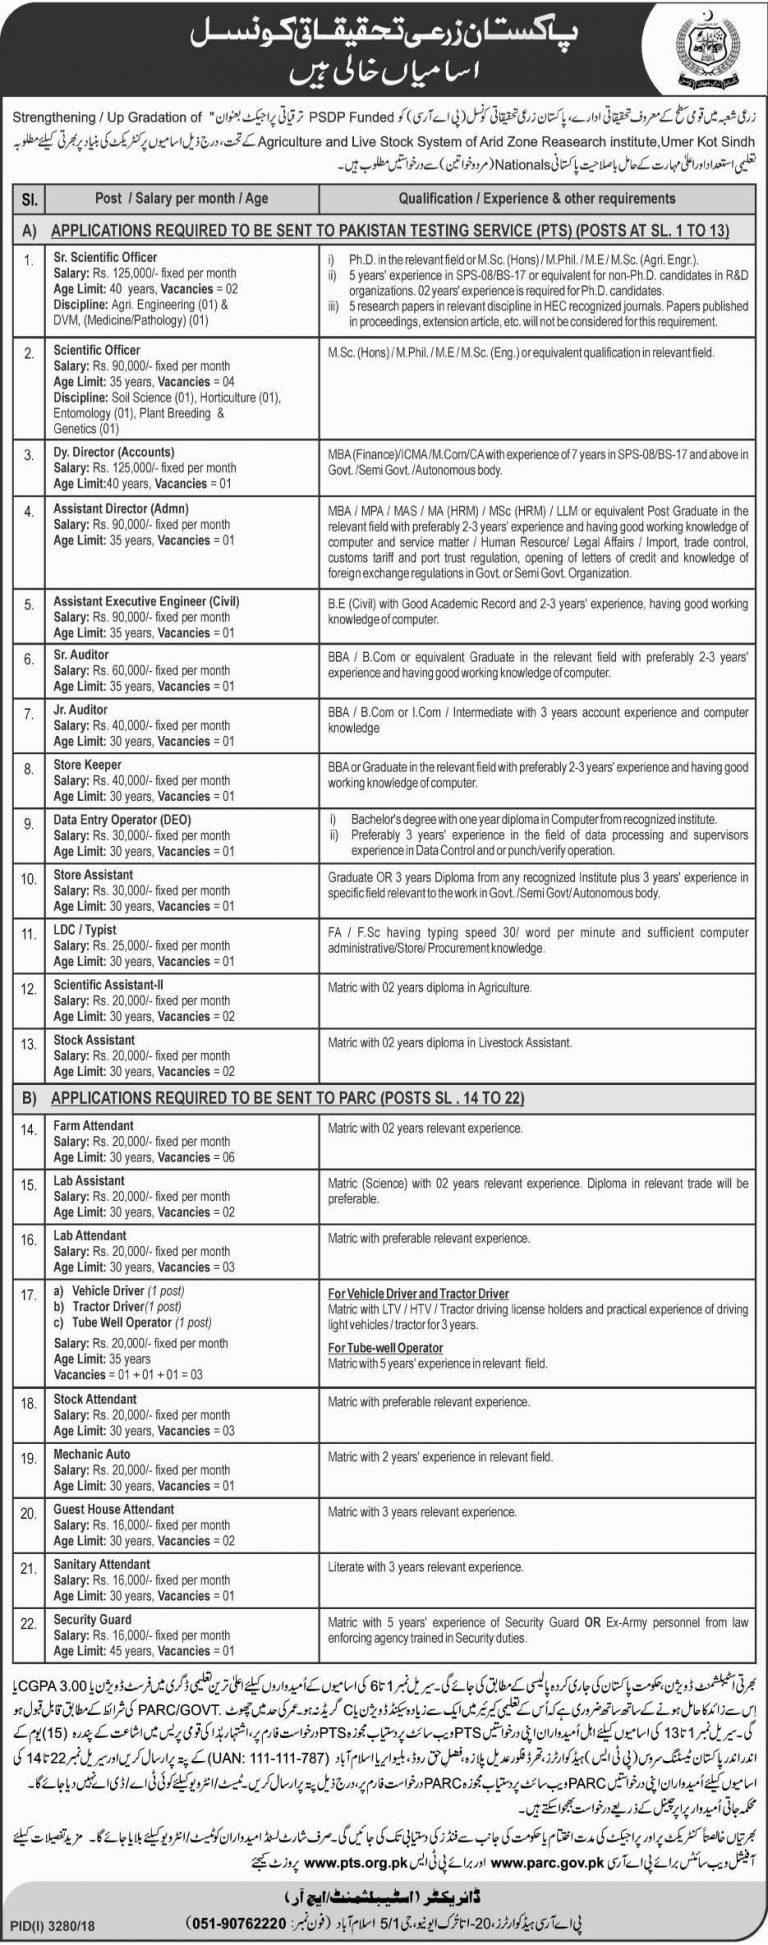 PARC Jobs 2019 PTS Application Form Download | www.parc.com.pk